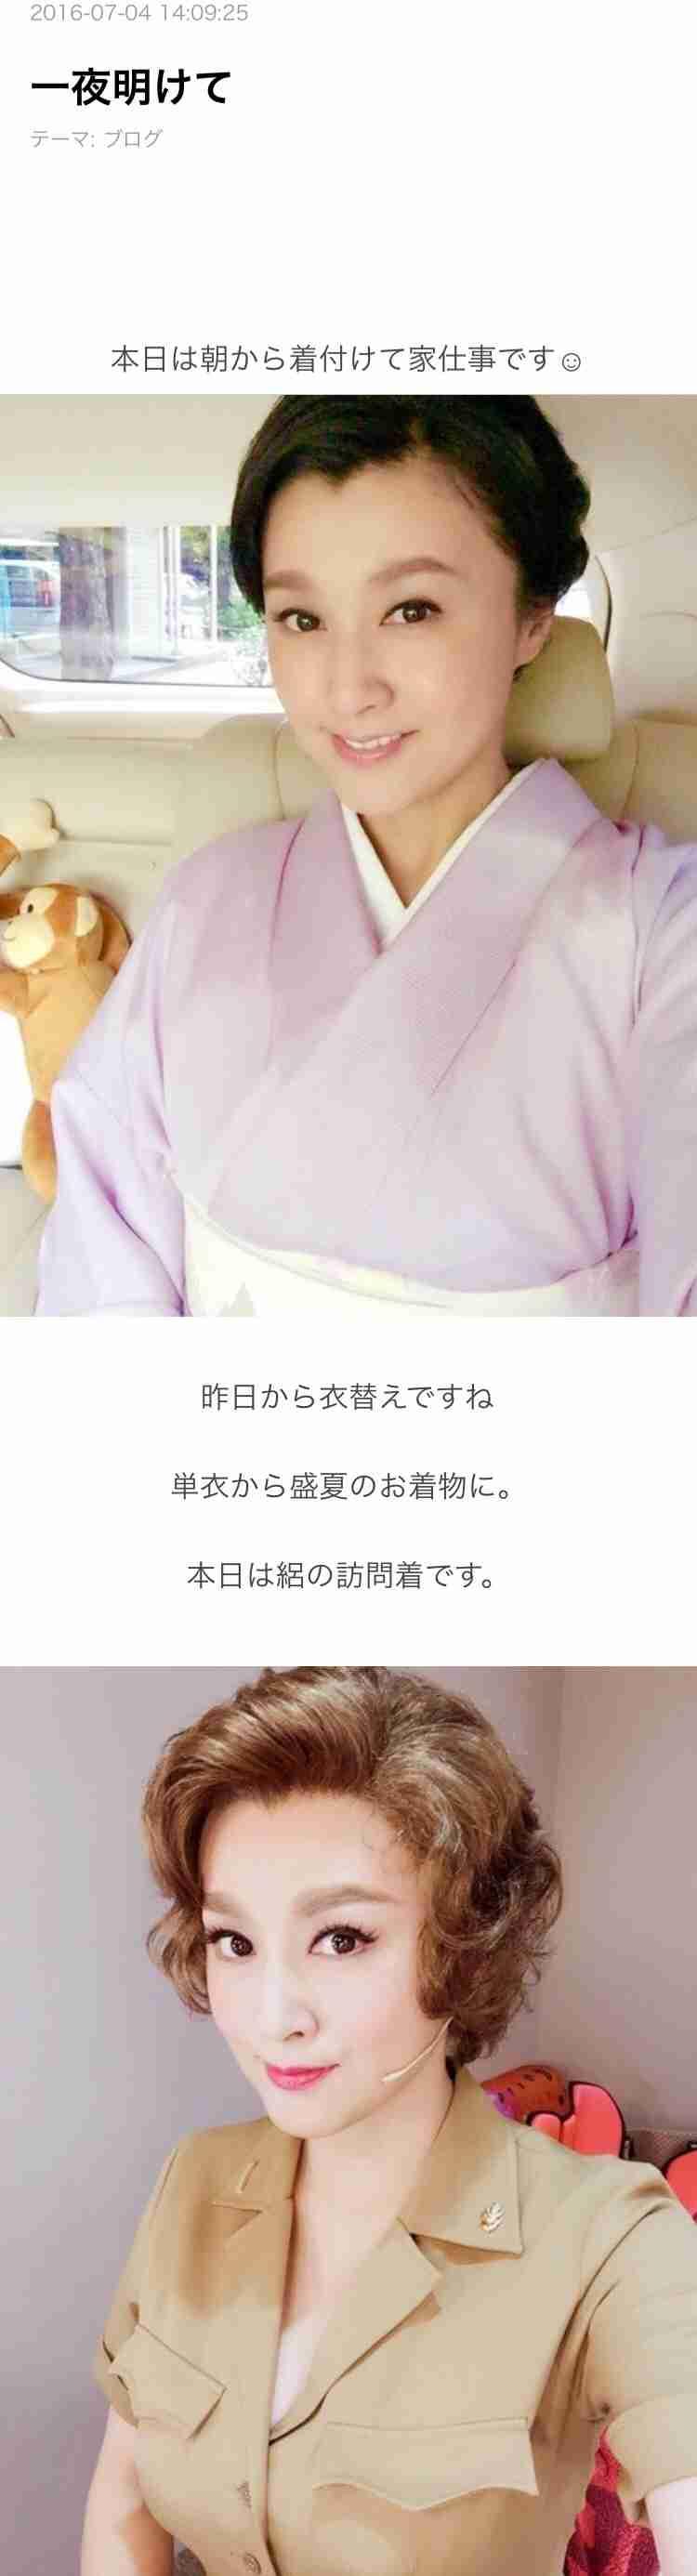 すみれ&藤原紀香&早見優、熊本支援チャリティーで豪華3ショット